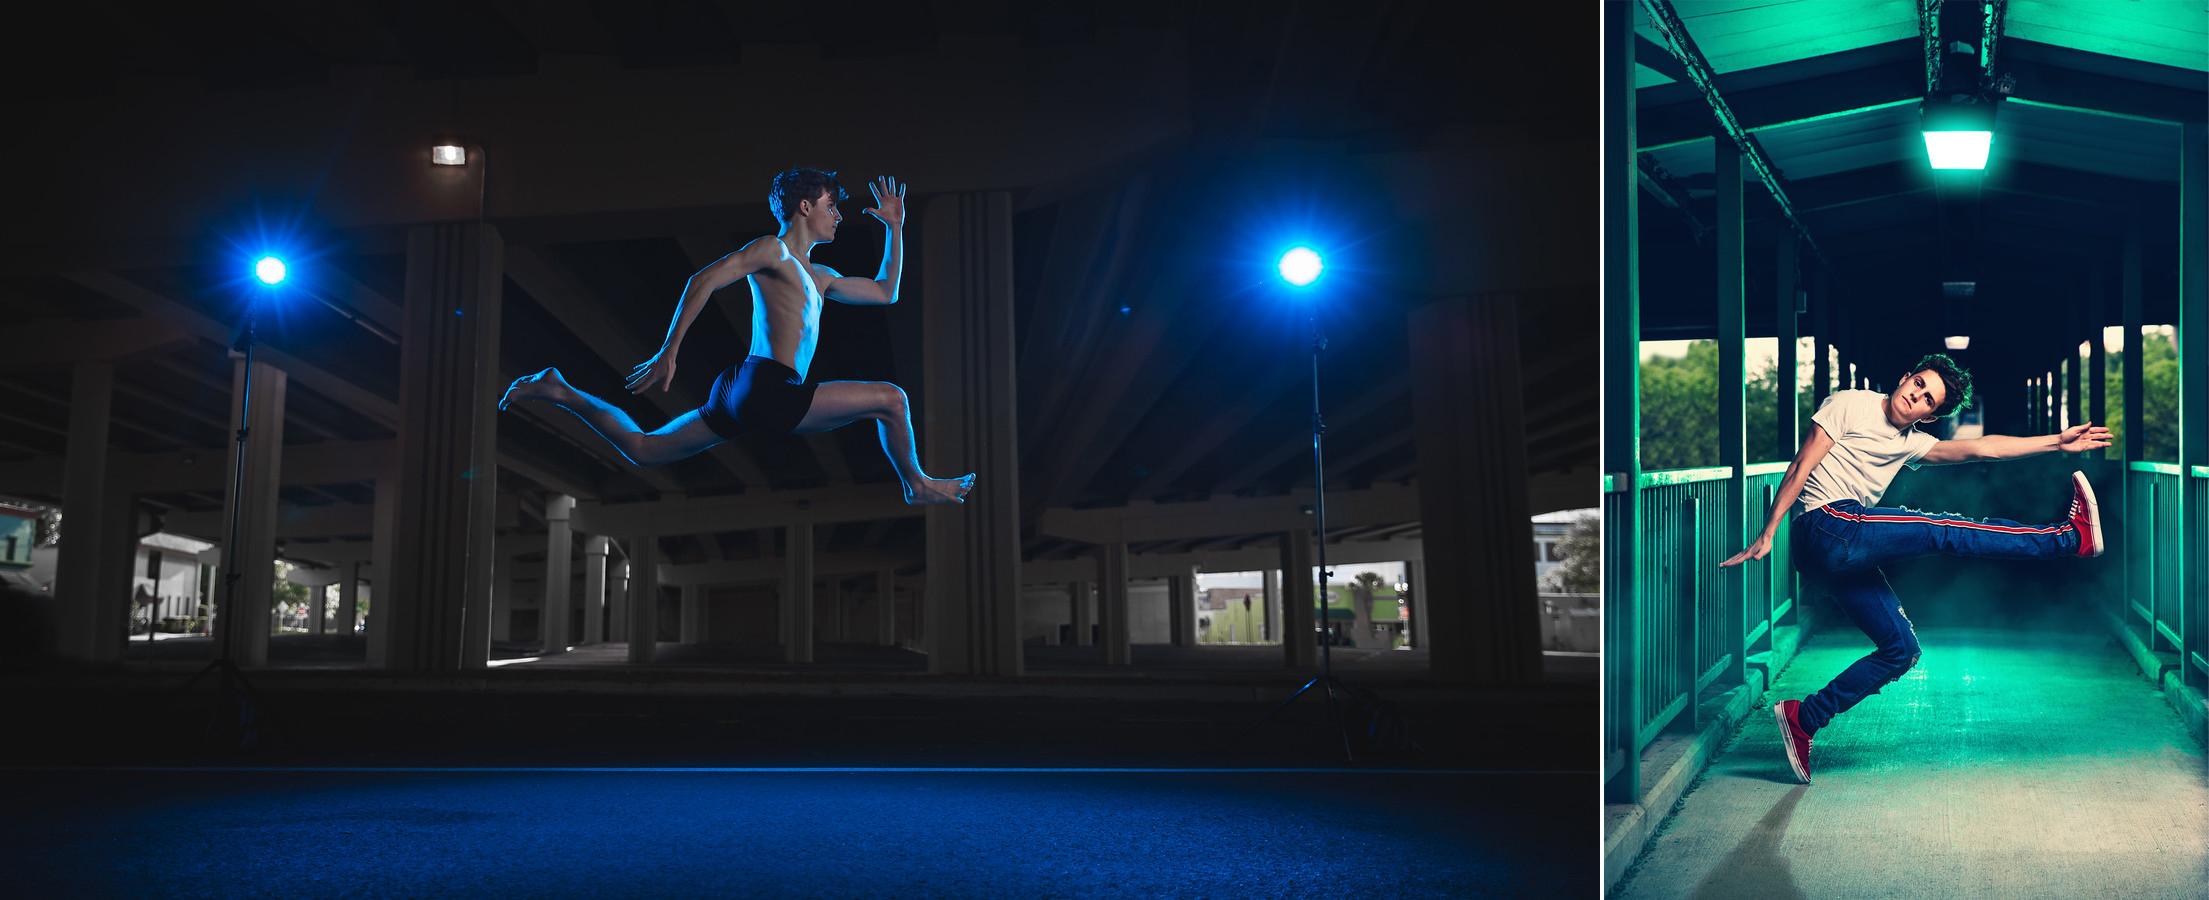 adam-szarmack-jacksonville-dance-photography-6.jpg